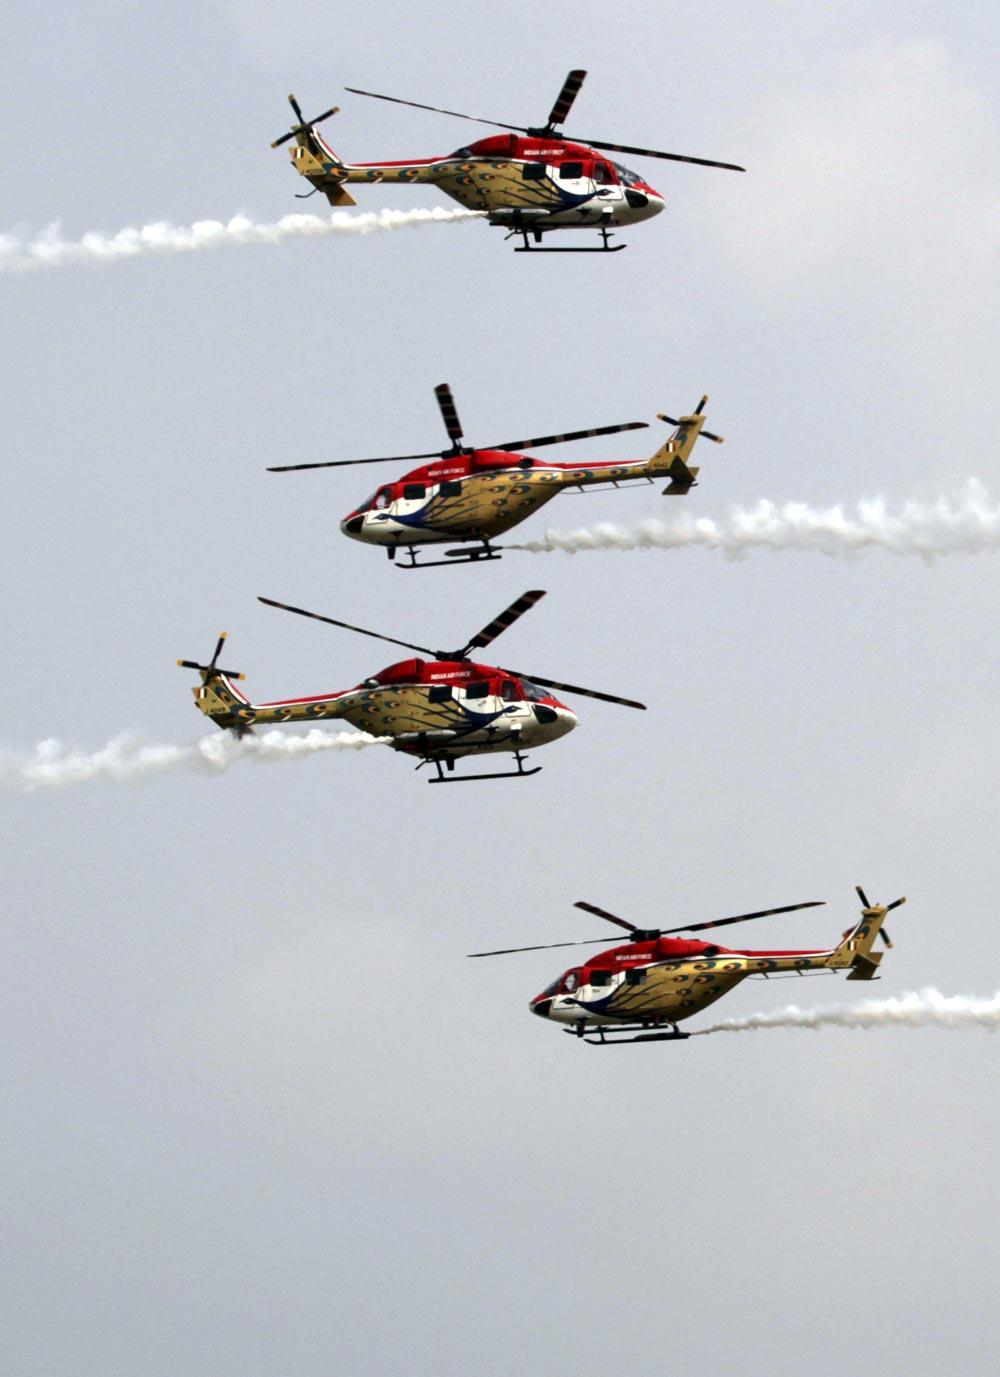 नवी दिल्ली - ८१व्या 'एअर फोर्स डे'साठीच्या दिवशी प्रात्यक्षिकांची रंगीत तालीम करतांना एअर फोर्सची 'सारंग' हेलिकॉप्टर...